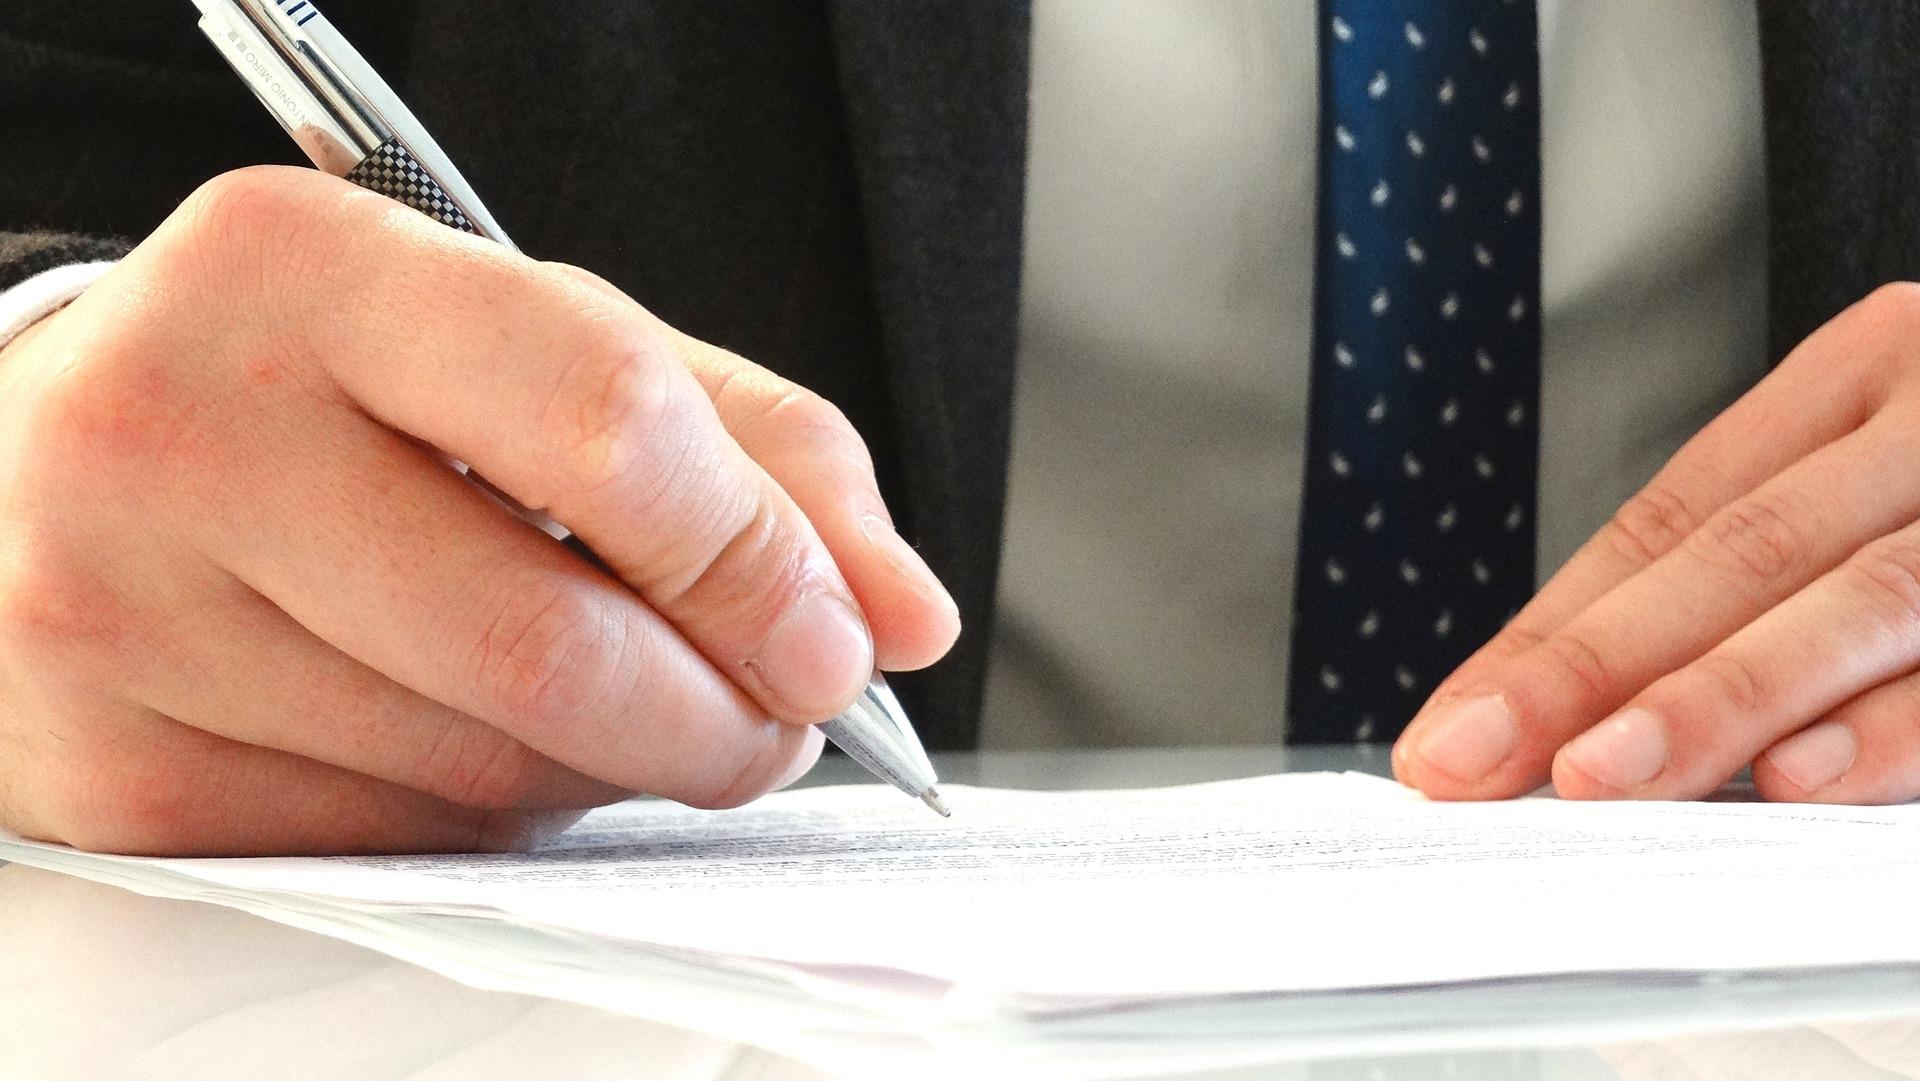 בעקבות הסגר: הקלות ביישוב תביעות בביטוח הסיעודי נקבעו על ידי רשות שוק ההון